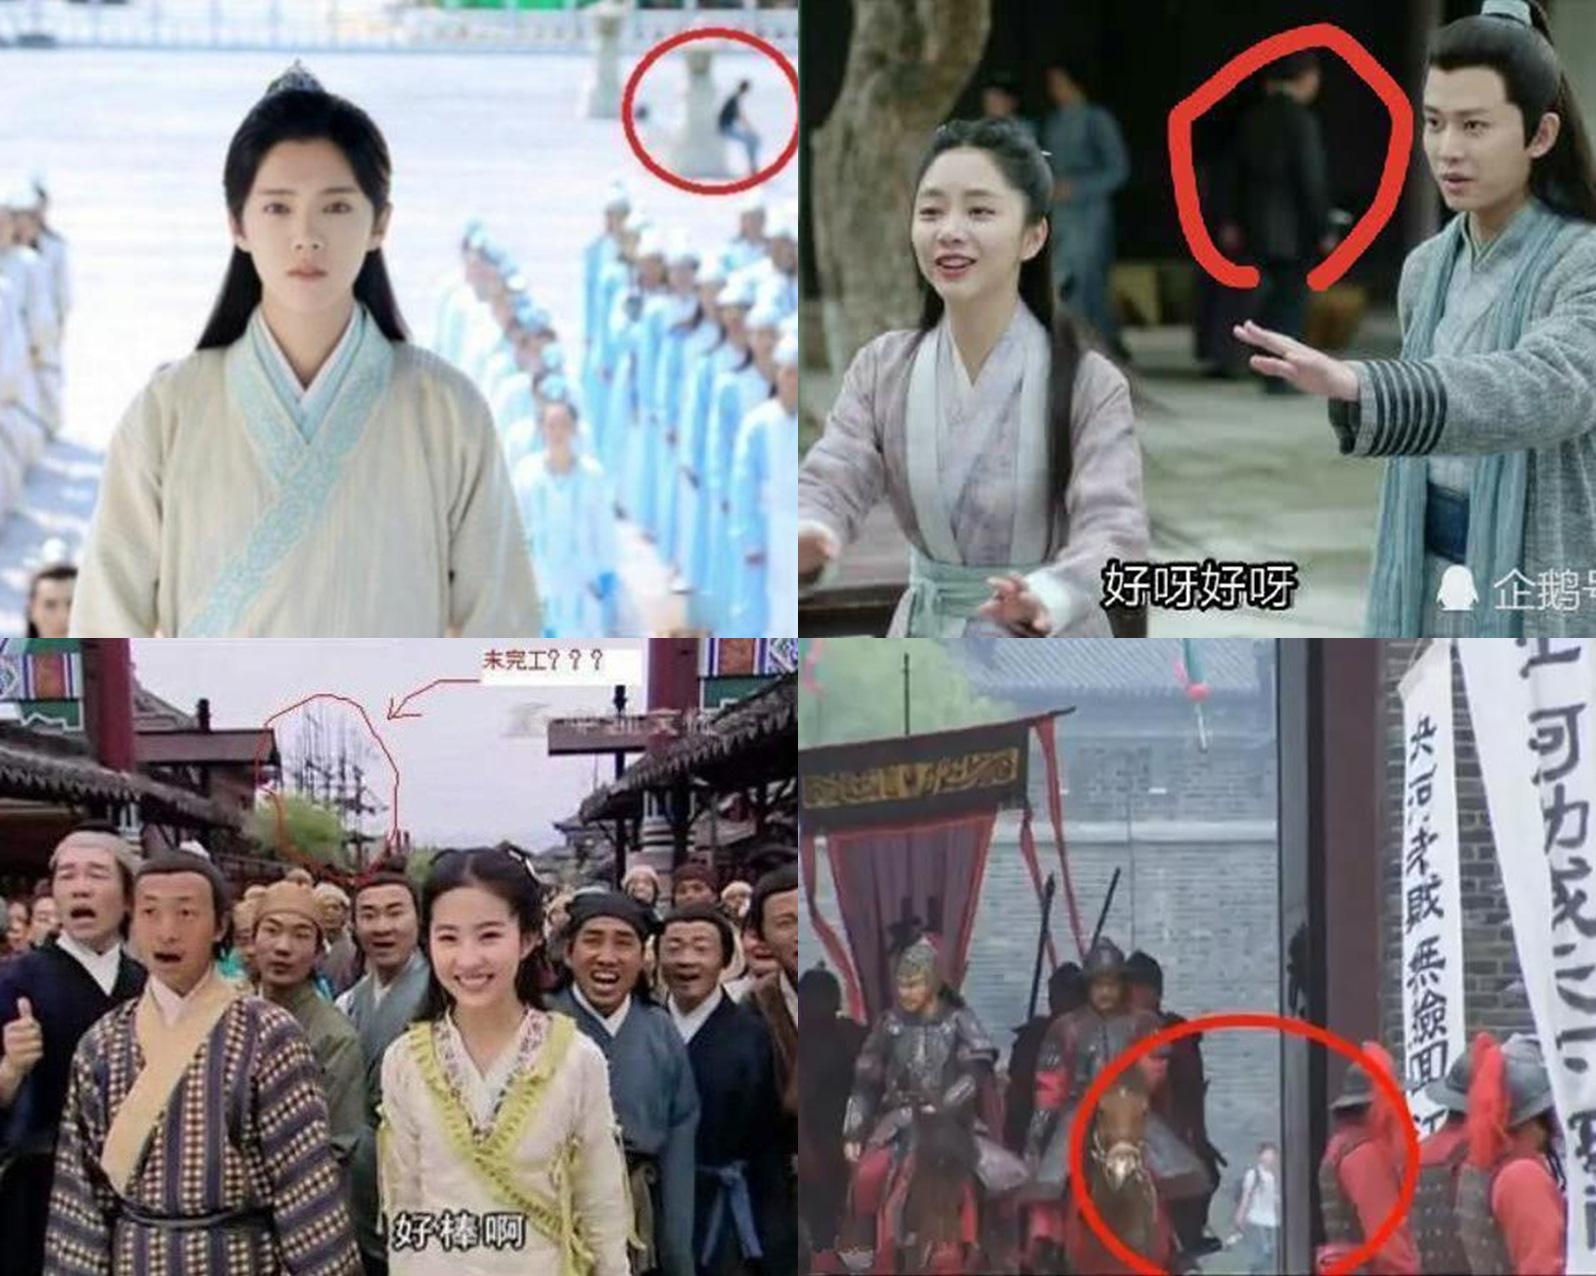 """Phim cổ trang Trung Quốc nghèo nàn, dễ dãi khiến khán giả """"ngán ngẩm"""" - Ảnh 5."""